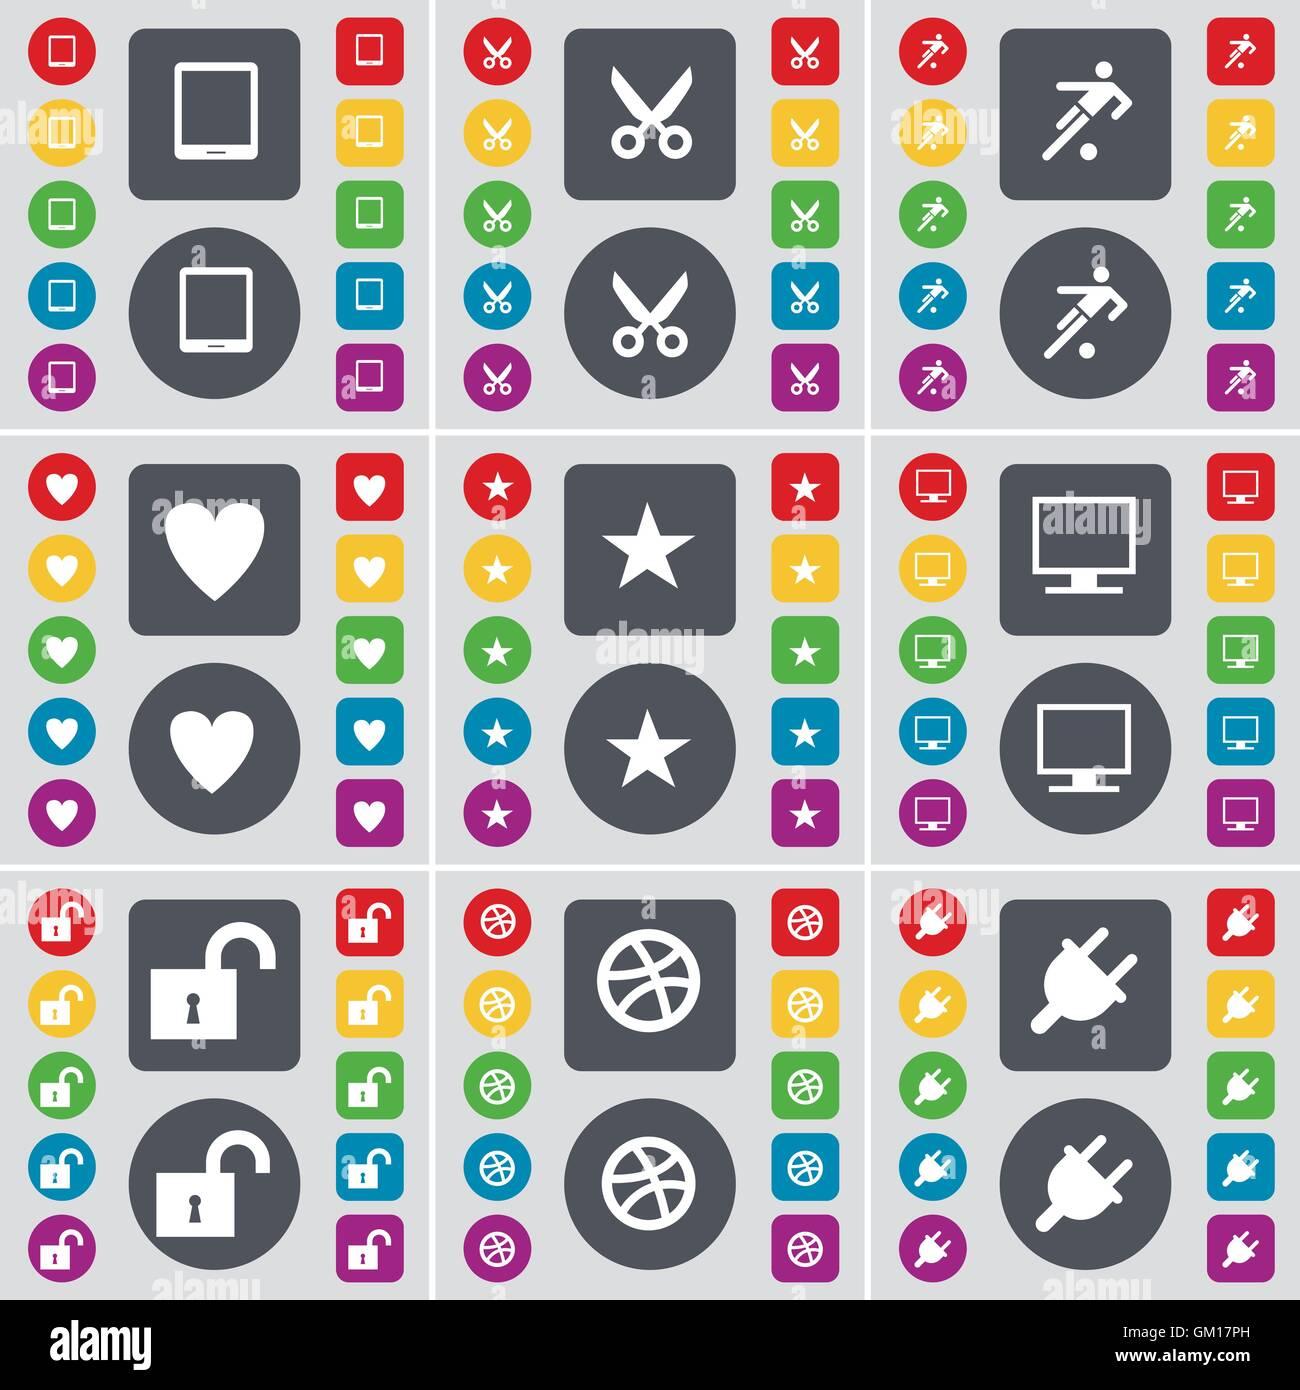 Eingereicht von PC, Schere, Fußball, Herzen, Sterne, Monitor, Lock, Ball, Steckdose Symbol Symbol. Eine große Stockbild